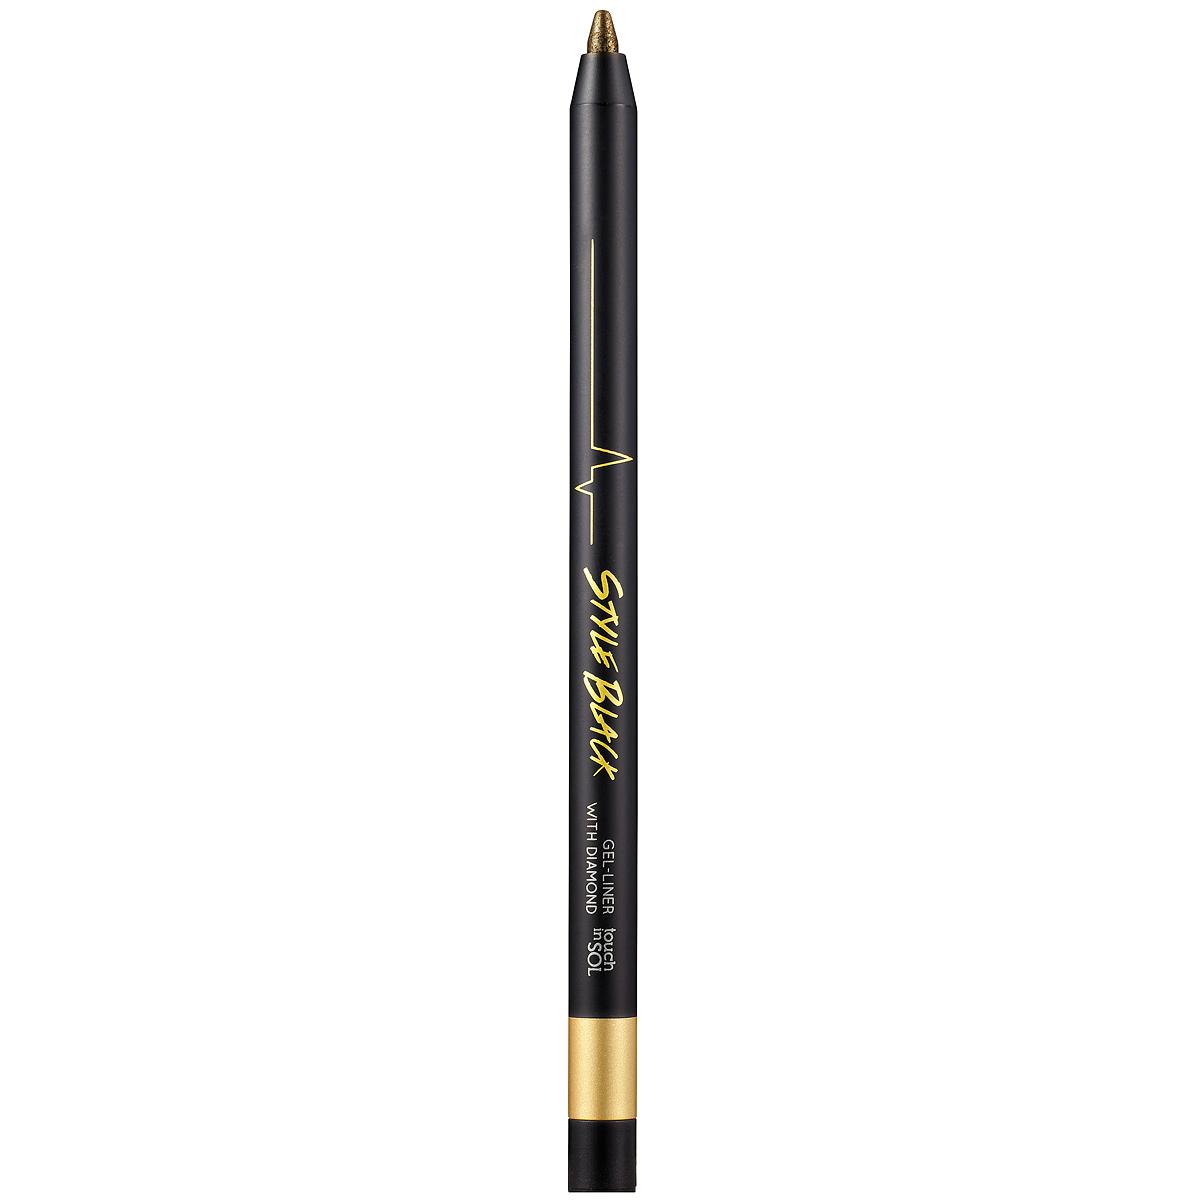 Touch in Sol Гелевый карандаш для глаз Style Black, оттенок №3 Gold, 0,5 гУТ000000762Ультрастойкий гелевый карандаш сохраняет макияж безупречным в течение всего дня. Молочный протеин и успокаивающий цветочный экстракт заботливо ухаживают за кожей, хорошо подходит для особо чувствительных глазах.Кремовый контурный карандаш поможет вам придать взгляду очаровательную выразительность. Благодаря его текстуре вы сможете контролировать яркость и толщину линии, растушевав карандаш создать загадочный образ Смоки Айз.Товар сертифицирован.